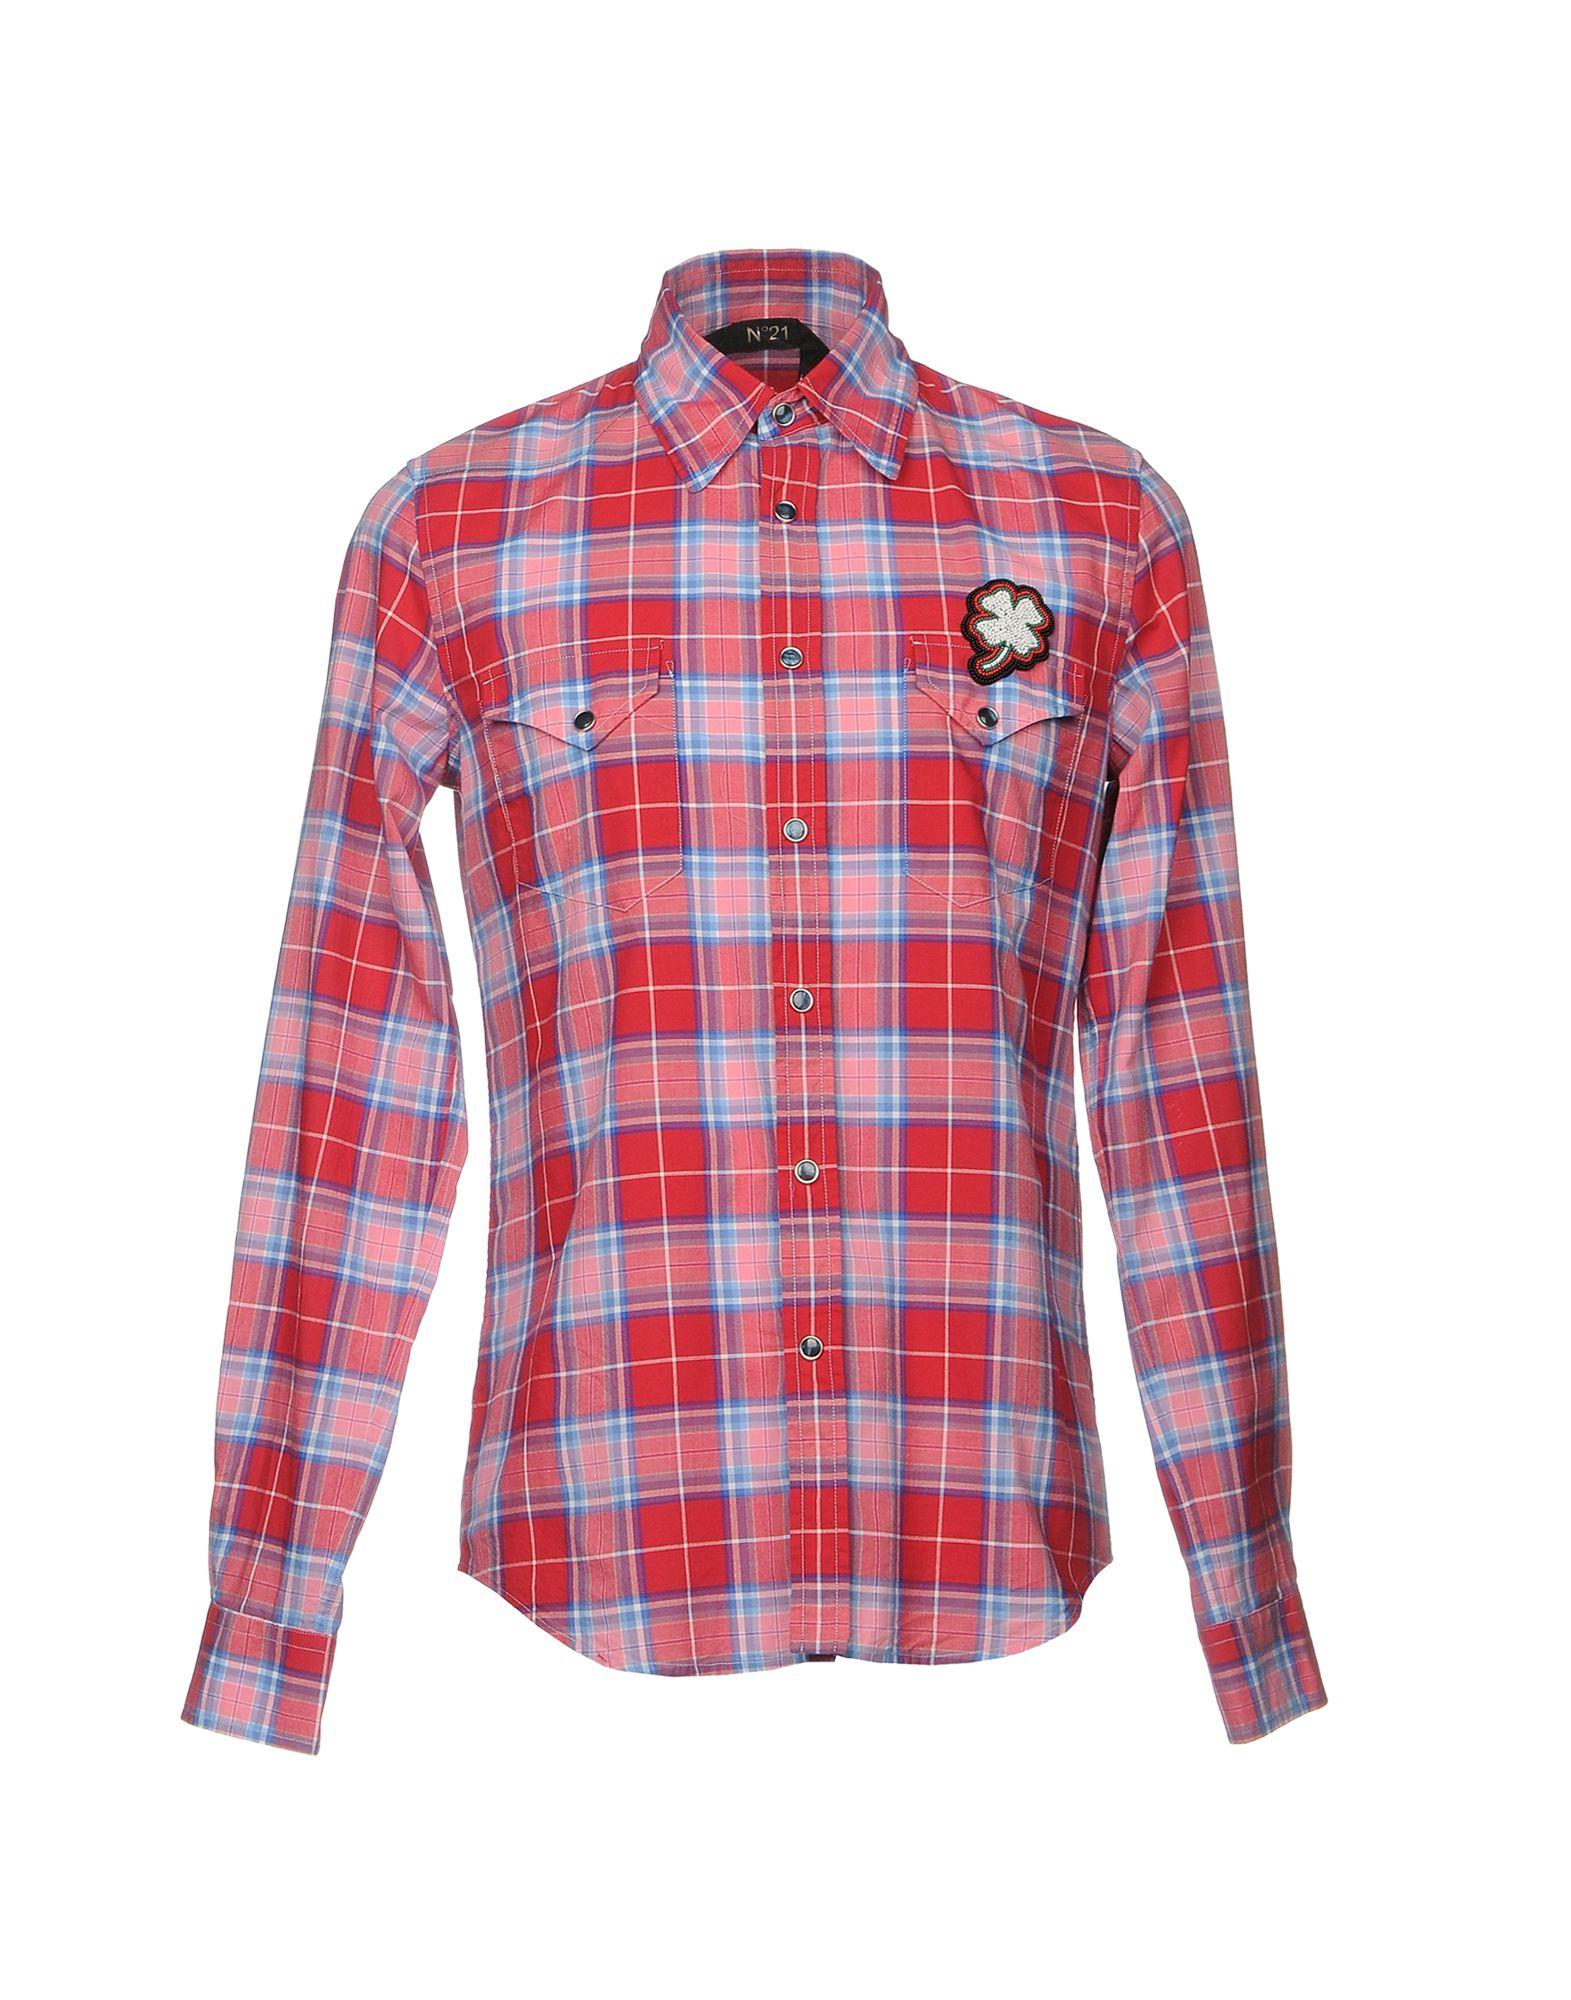 N° 21 Herren Hemd Farbe Rot Größe 6